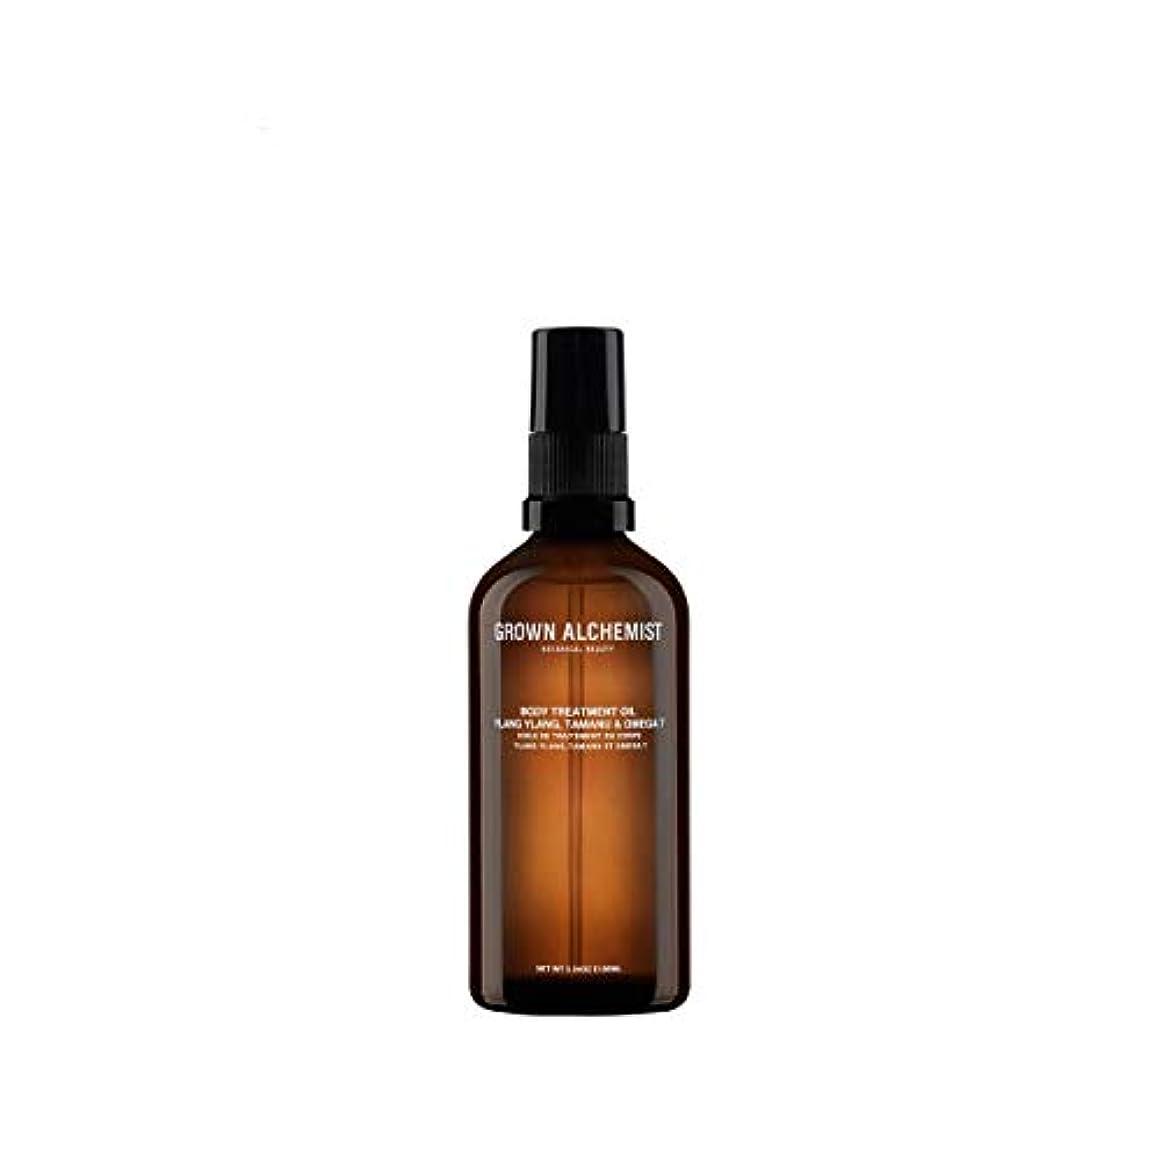 散る飲み込む均等にGrown Alchemist Body Treatment Oil - Ylang Ylang, Tamanu & Omega 7 100ml/3.34oz並行輸入品